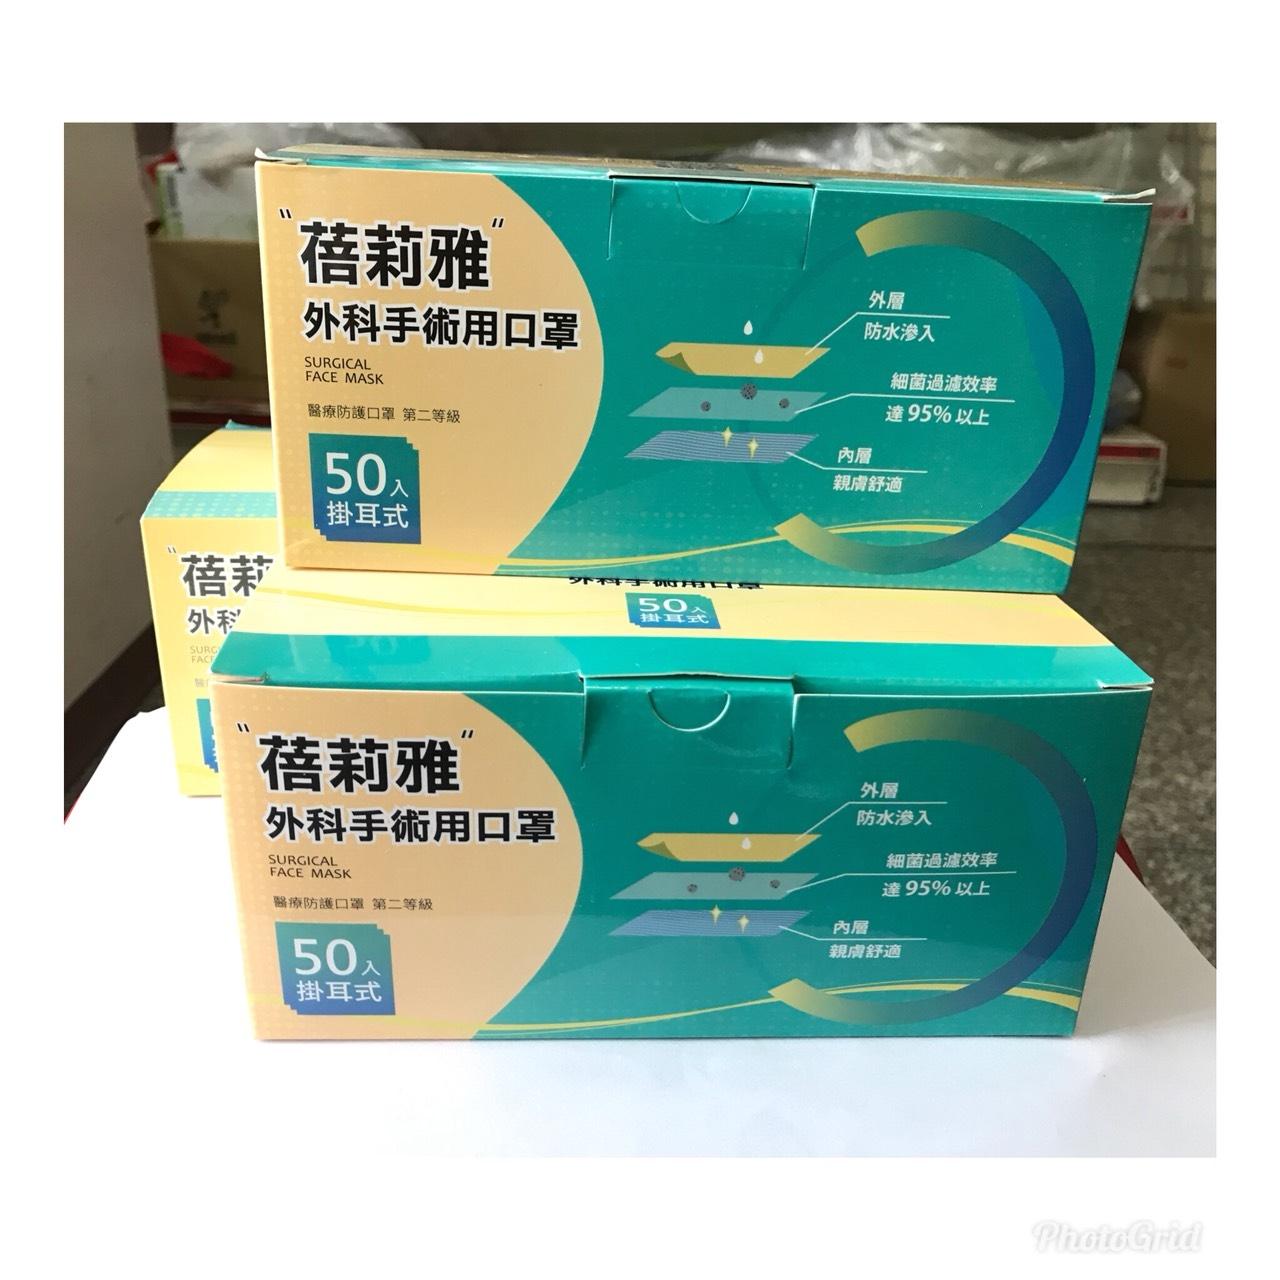 蓓莉雅外科手術用口罩 (購買8盒以上,請點選交貨方式-郵局寄送)